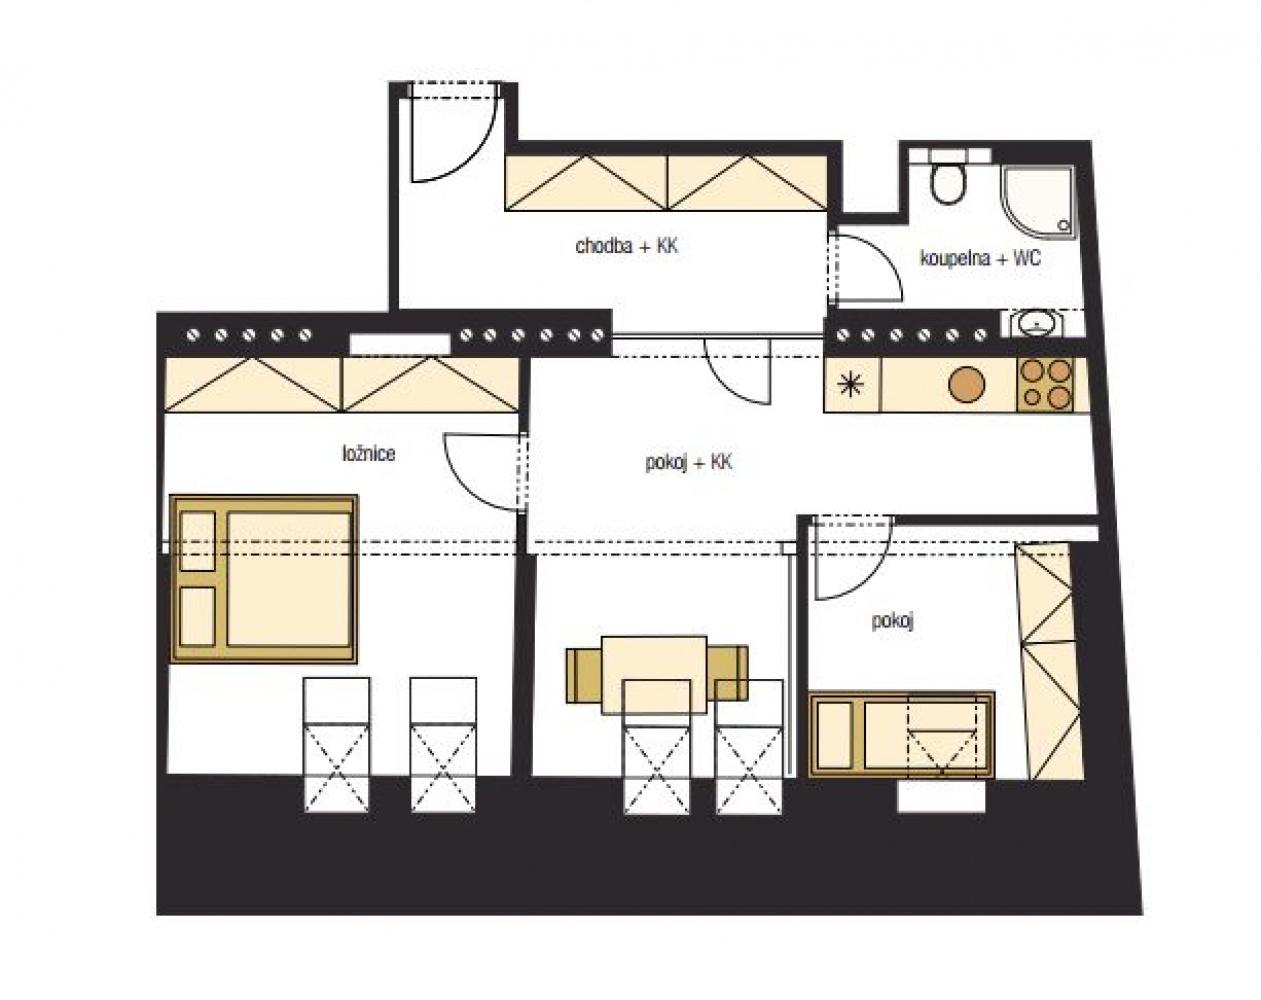 Půdorys - Půdní byt 3+kk, plocha 62 m², ulice Horní, Praha 4 - Nusle